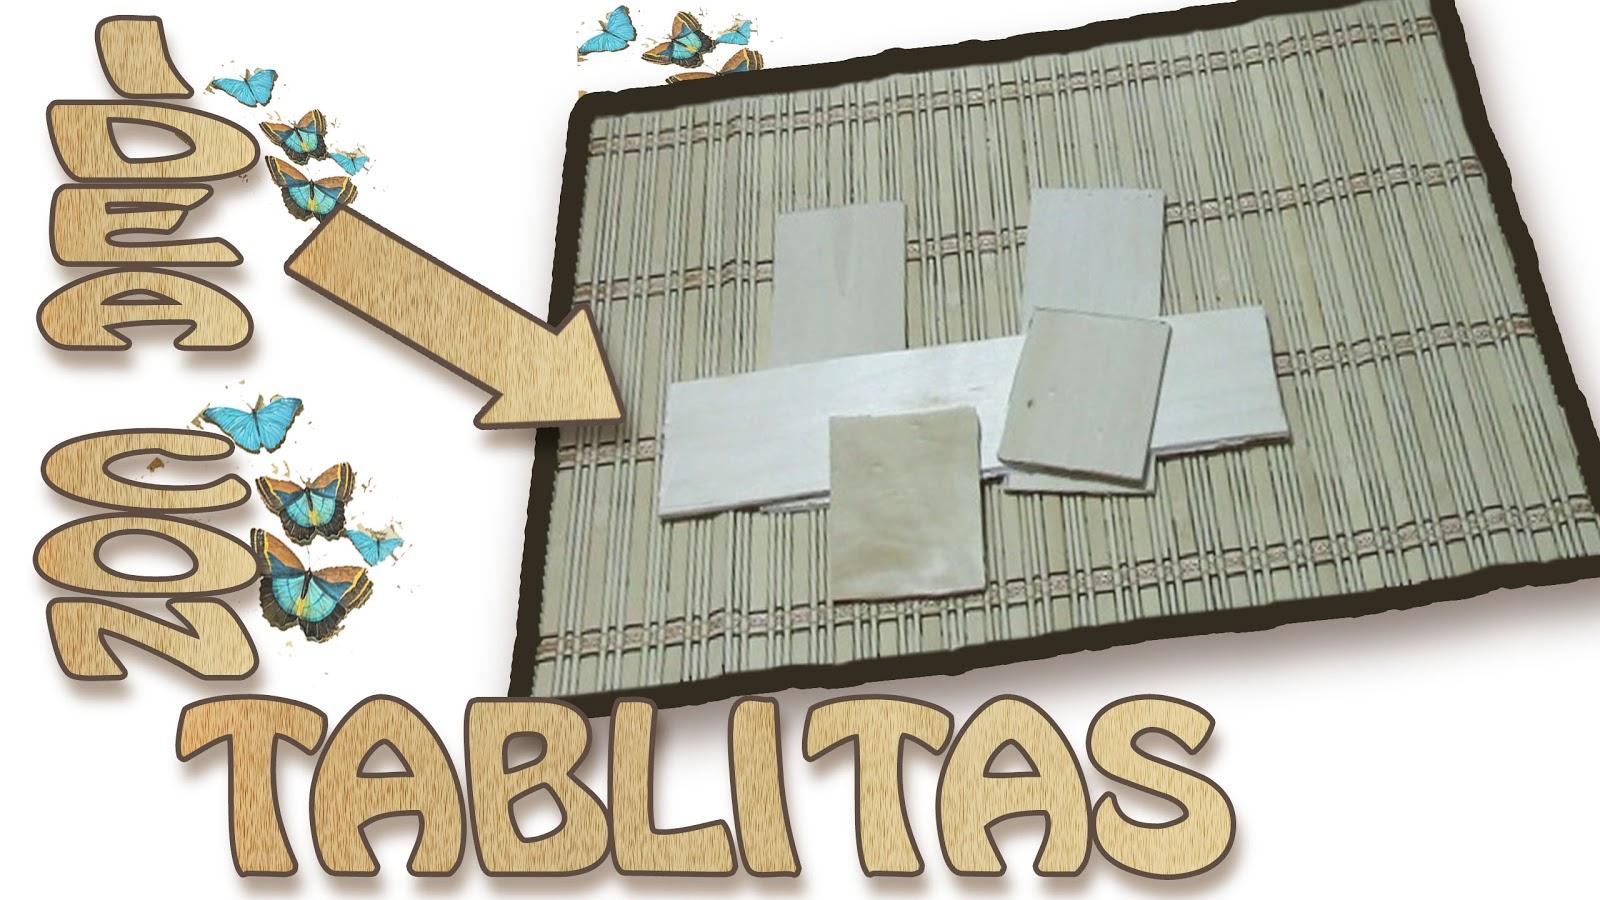 DIY. Cómo reciclar tablas de madera, muy fácilmente. Reciclaje creativo